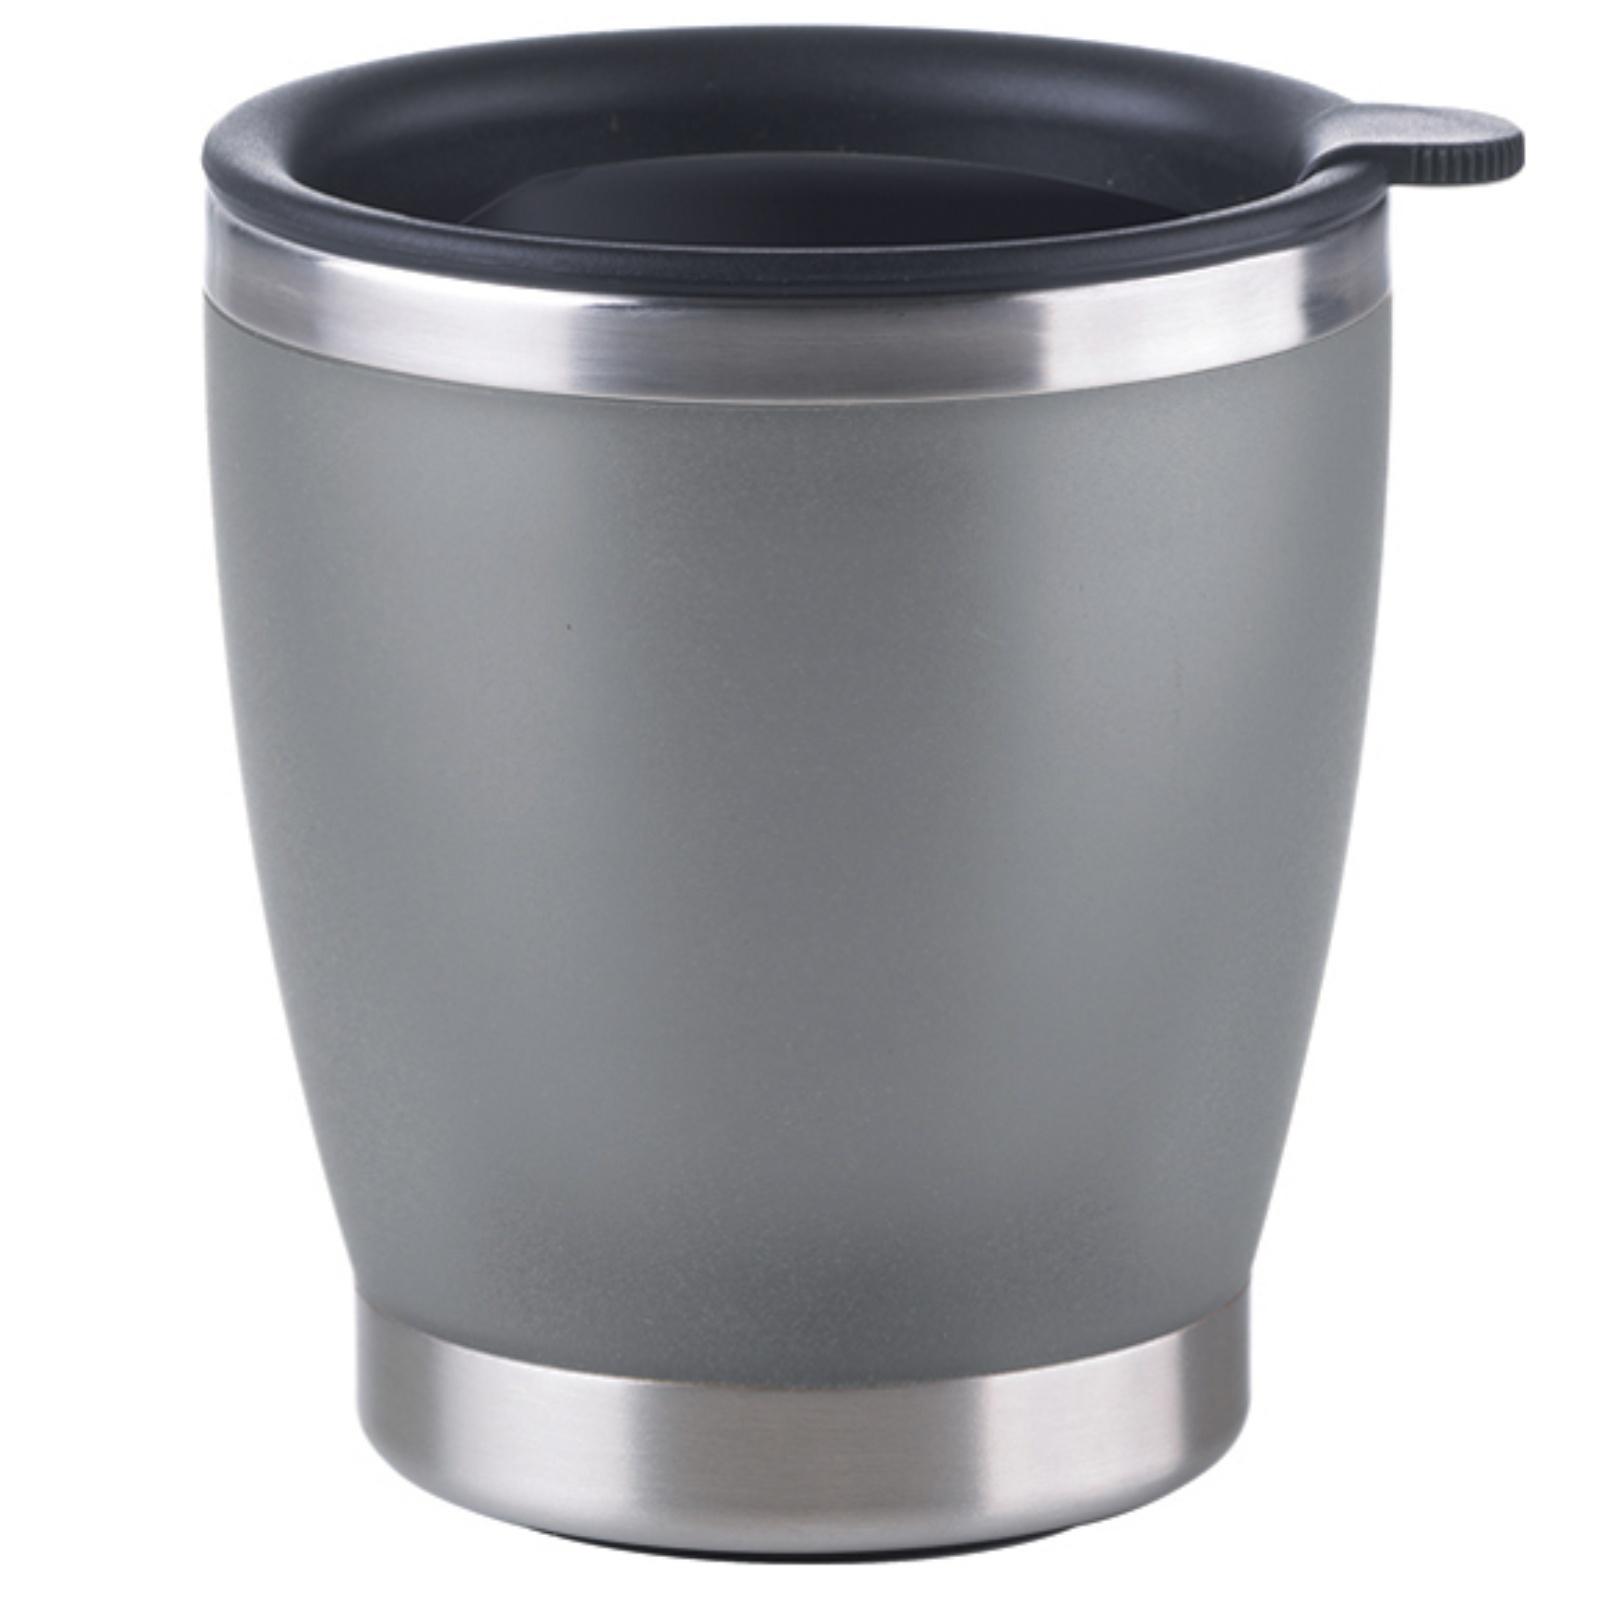 Termohrnek EMSA City Cup 0,2 l - stříbrný